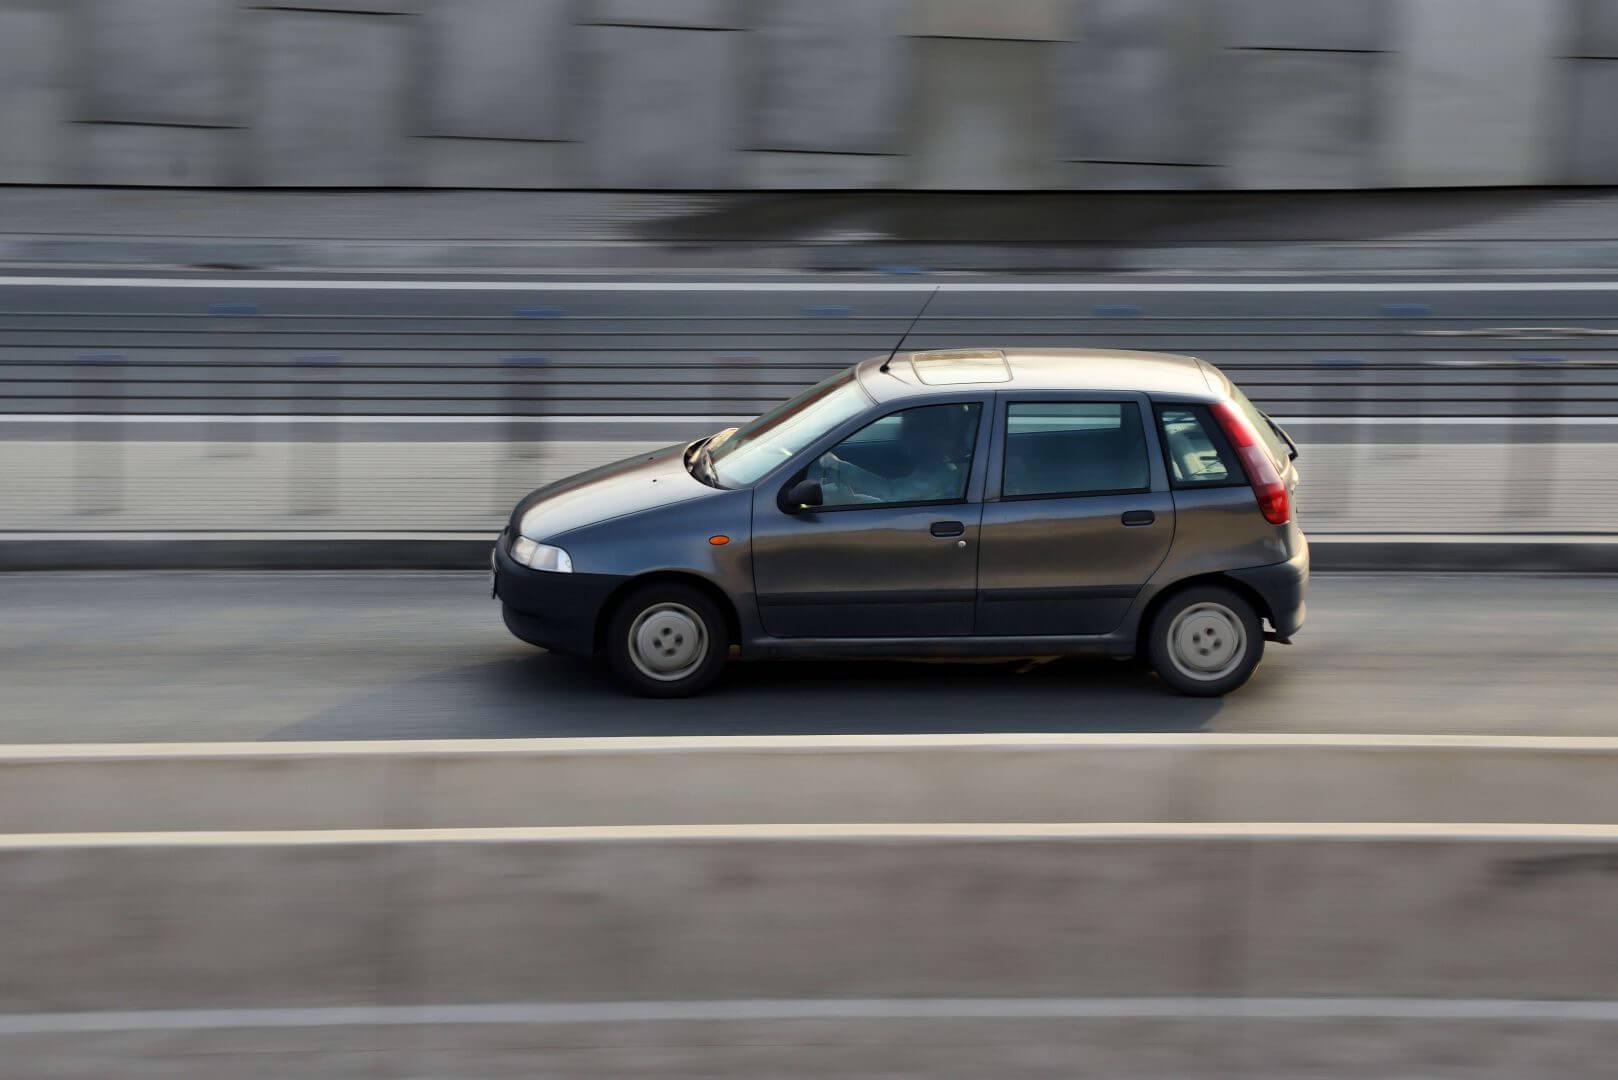 AC dla starego samochodu – kiedy się na nie zdecydować, a kiedy nie?